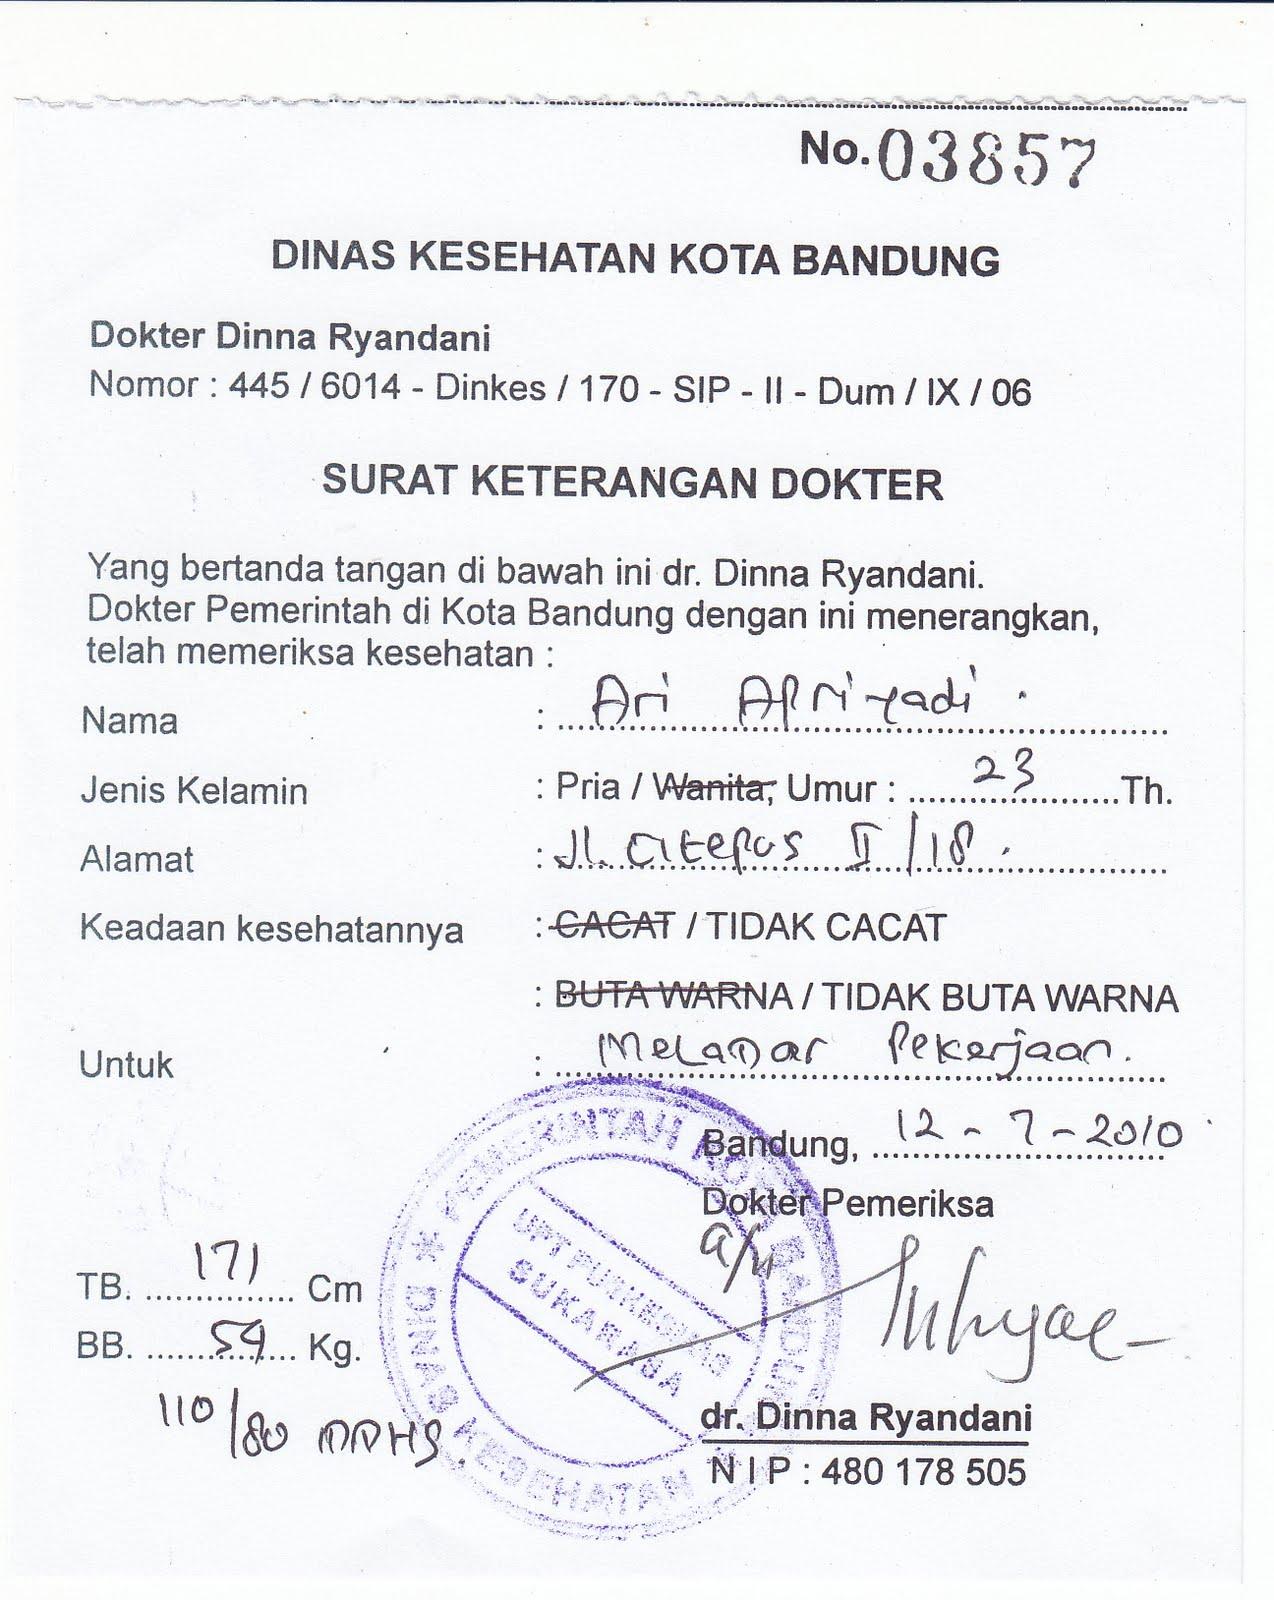 Surat Keterangan Dokter   Kotasurat.com